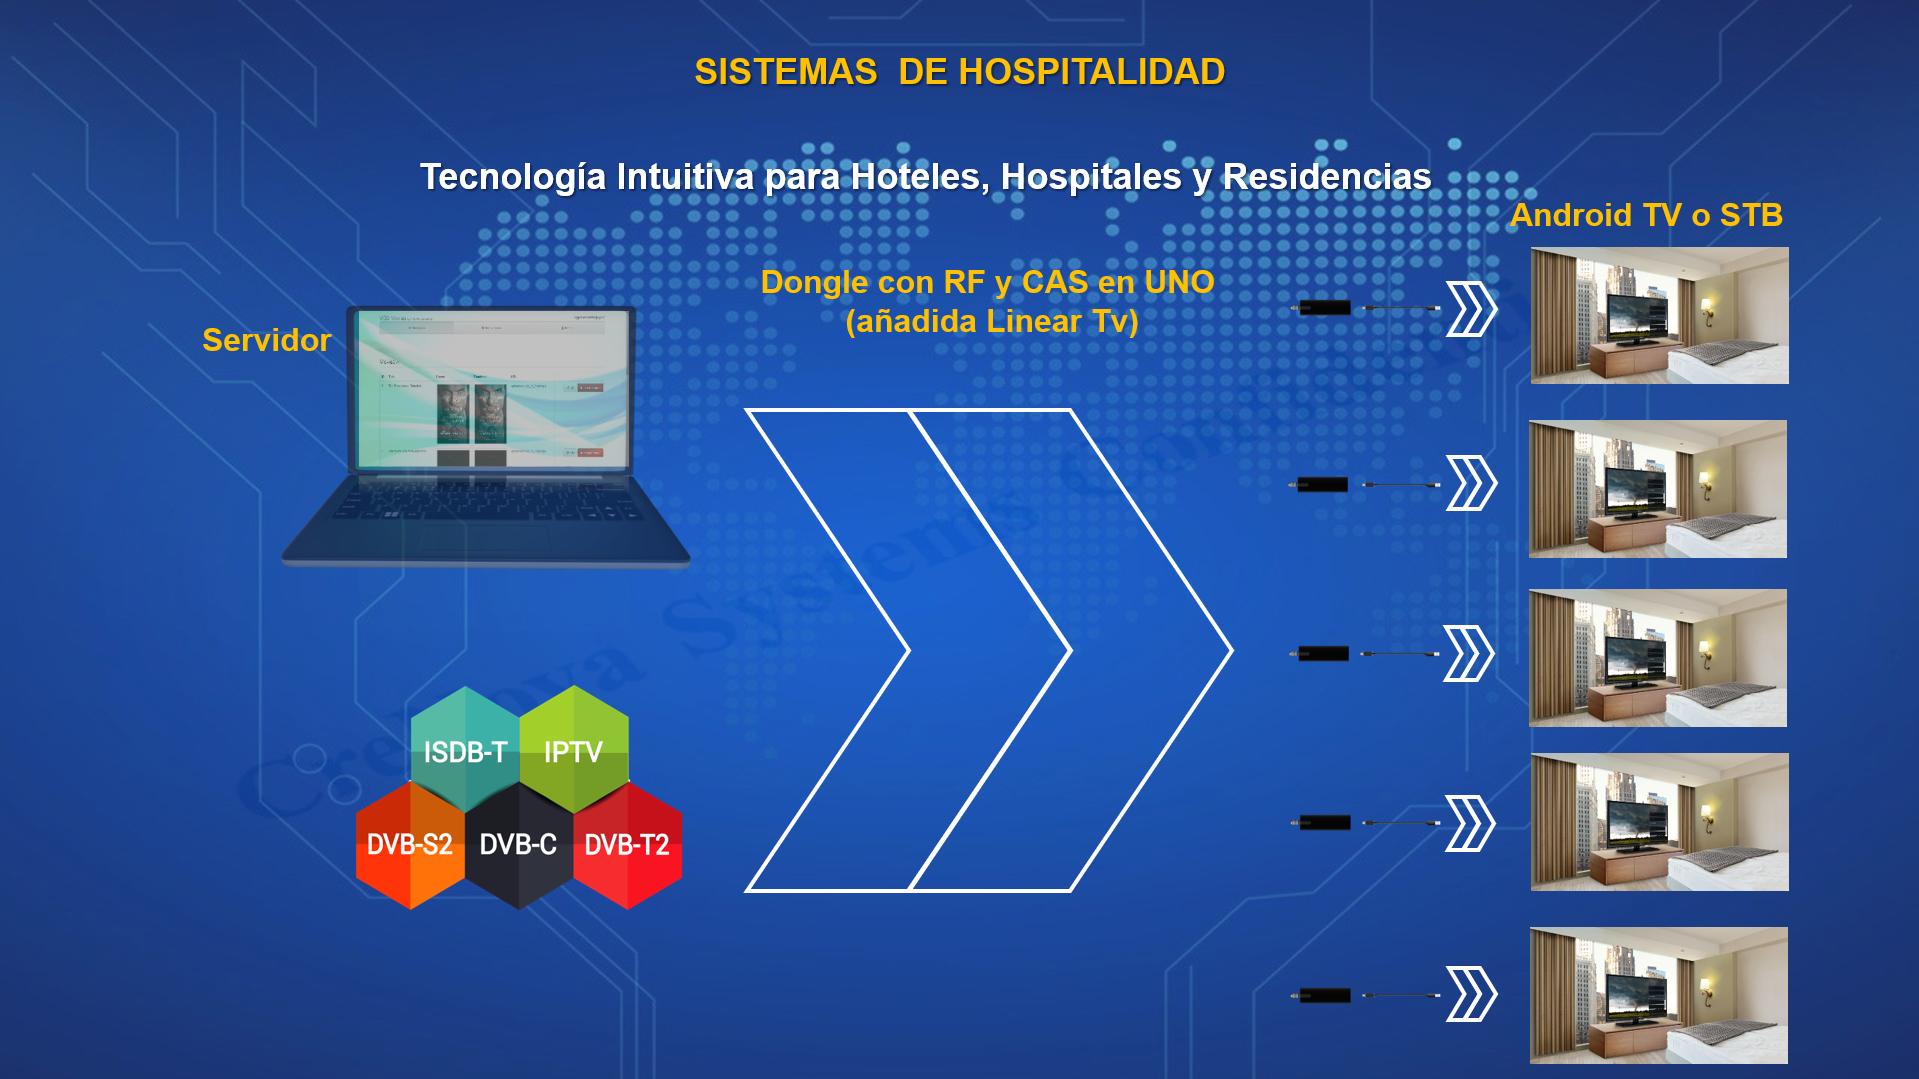 SISTEMAS DE SOLUCIONES DE HOSPITALIDAD